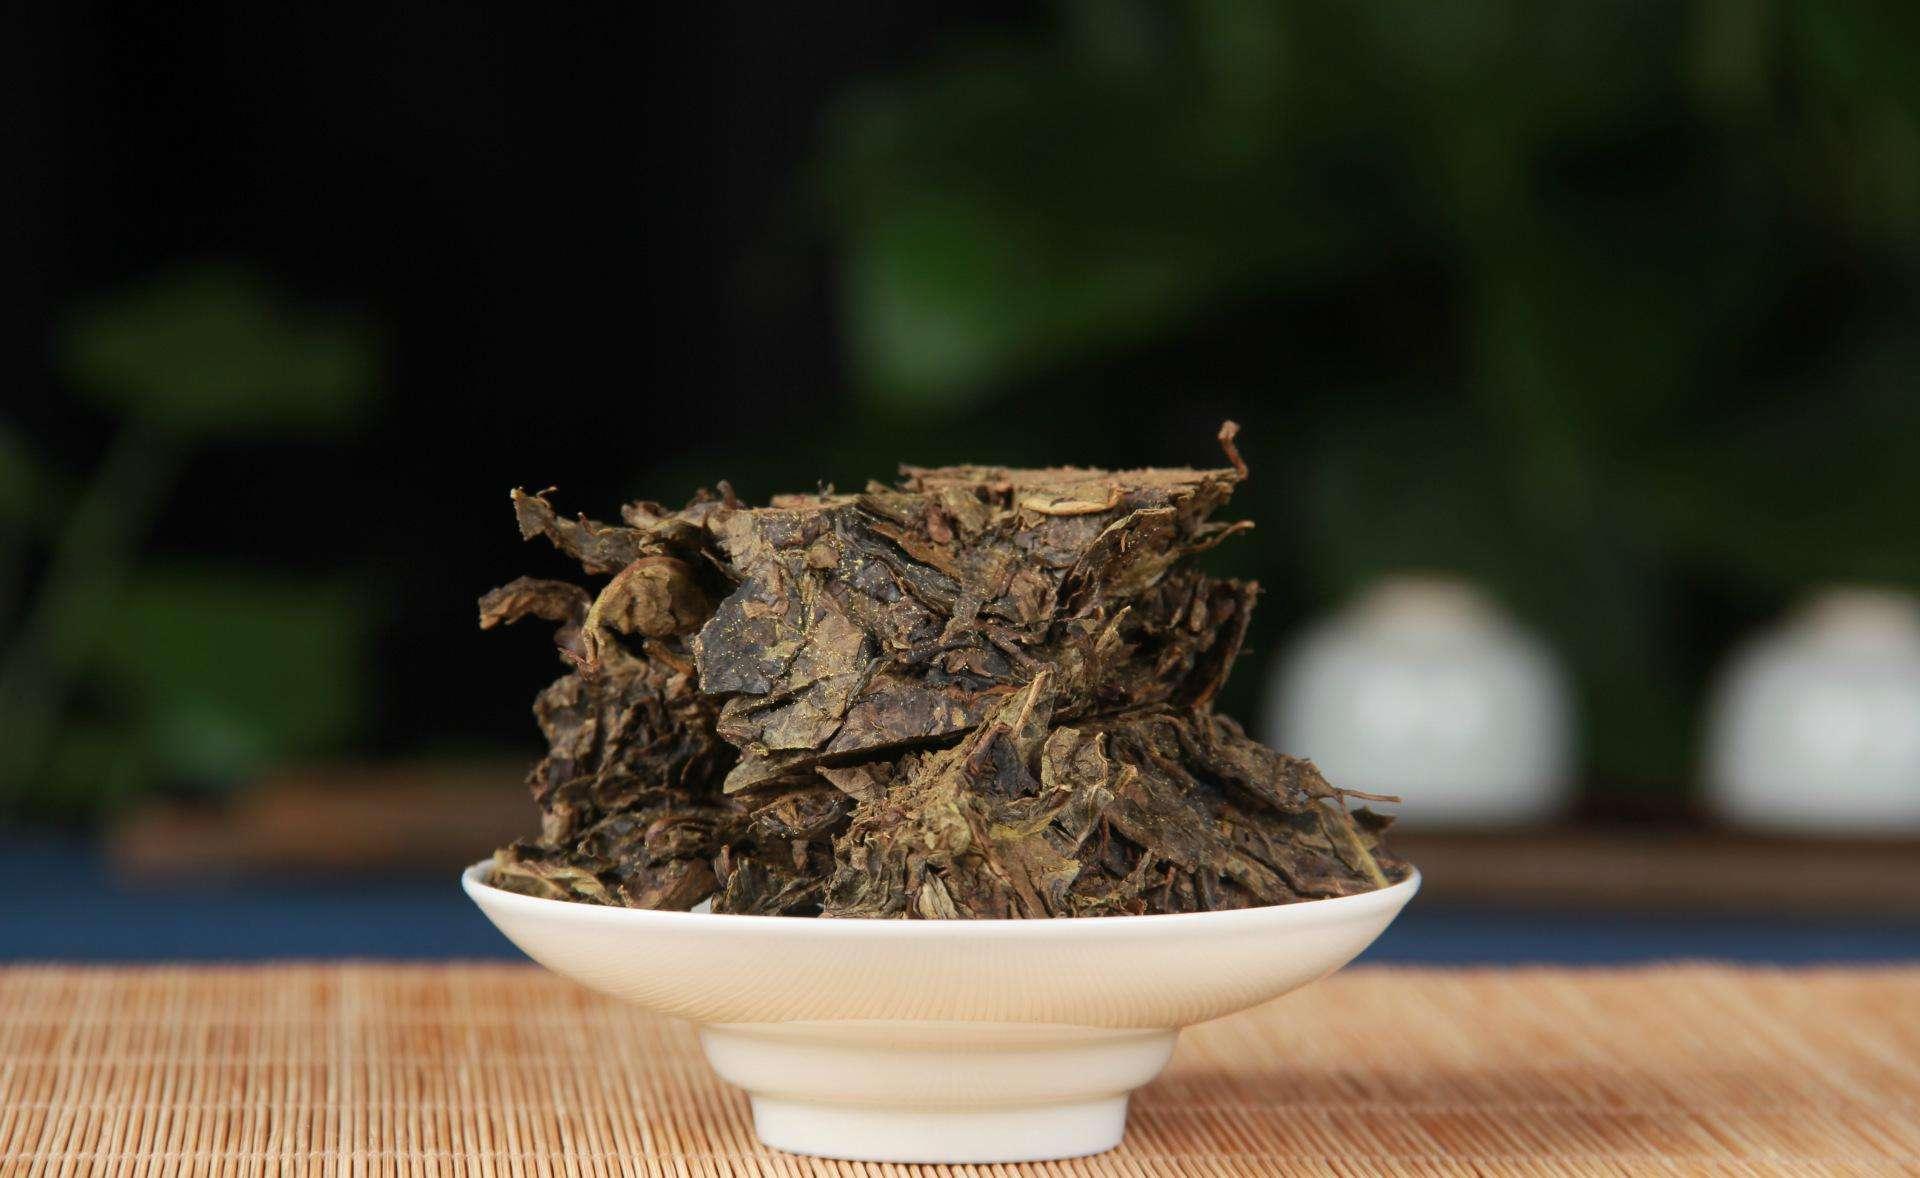 安化黑茶能长期喝吗 安化黑茶喝多了会怎样